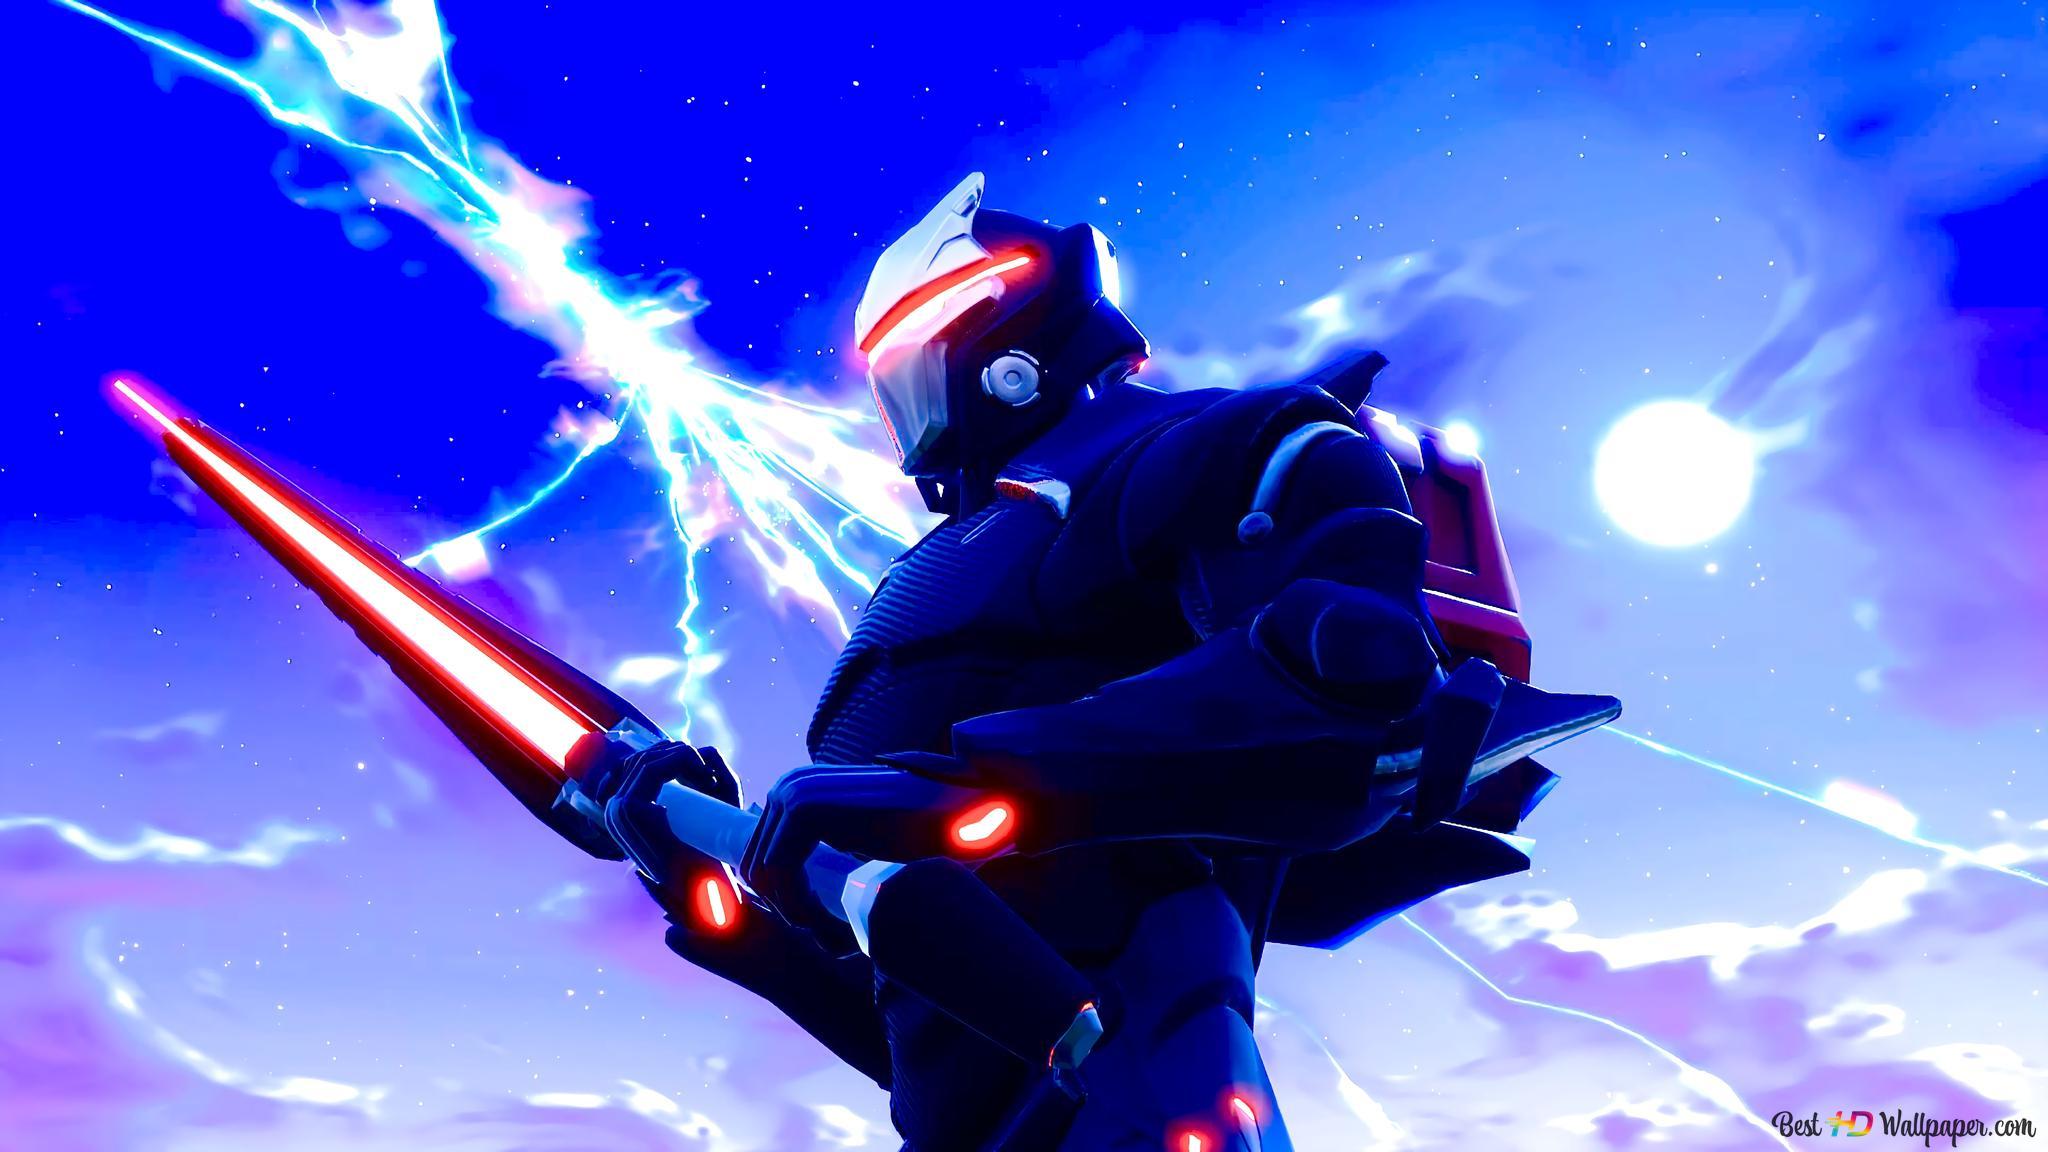 Fortnite Battle Royale Omega Hd Wallpaper Download